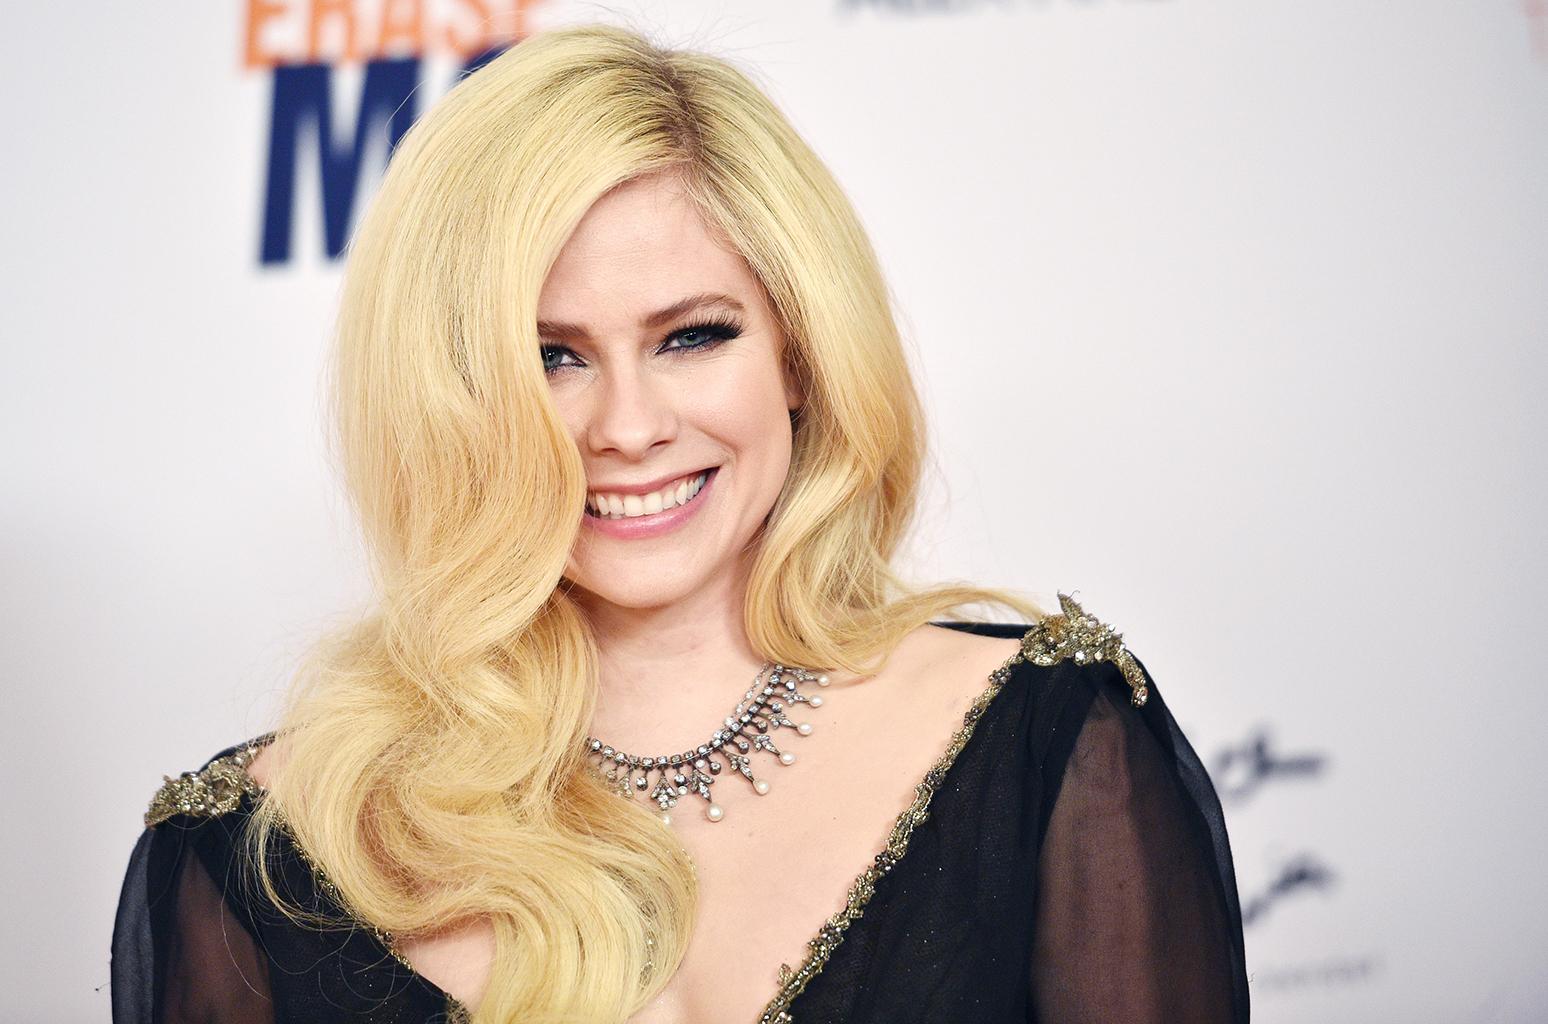 La cantante Avril Lavigne tornerà in Italia